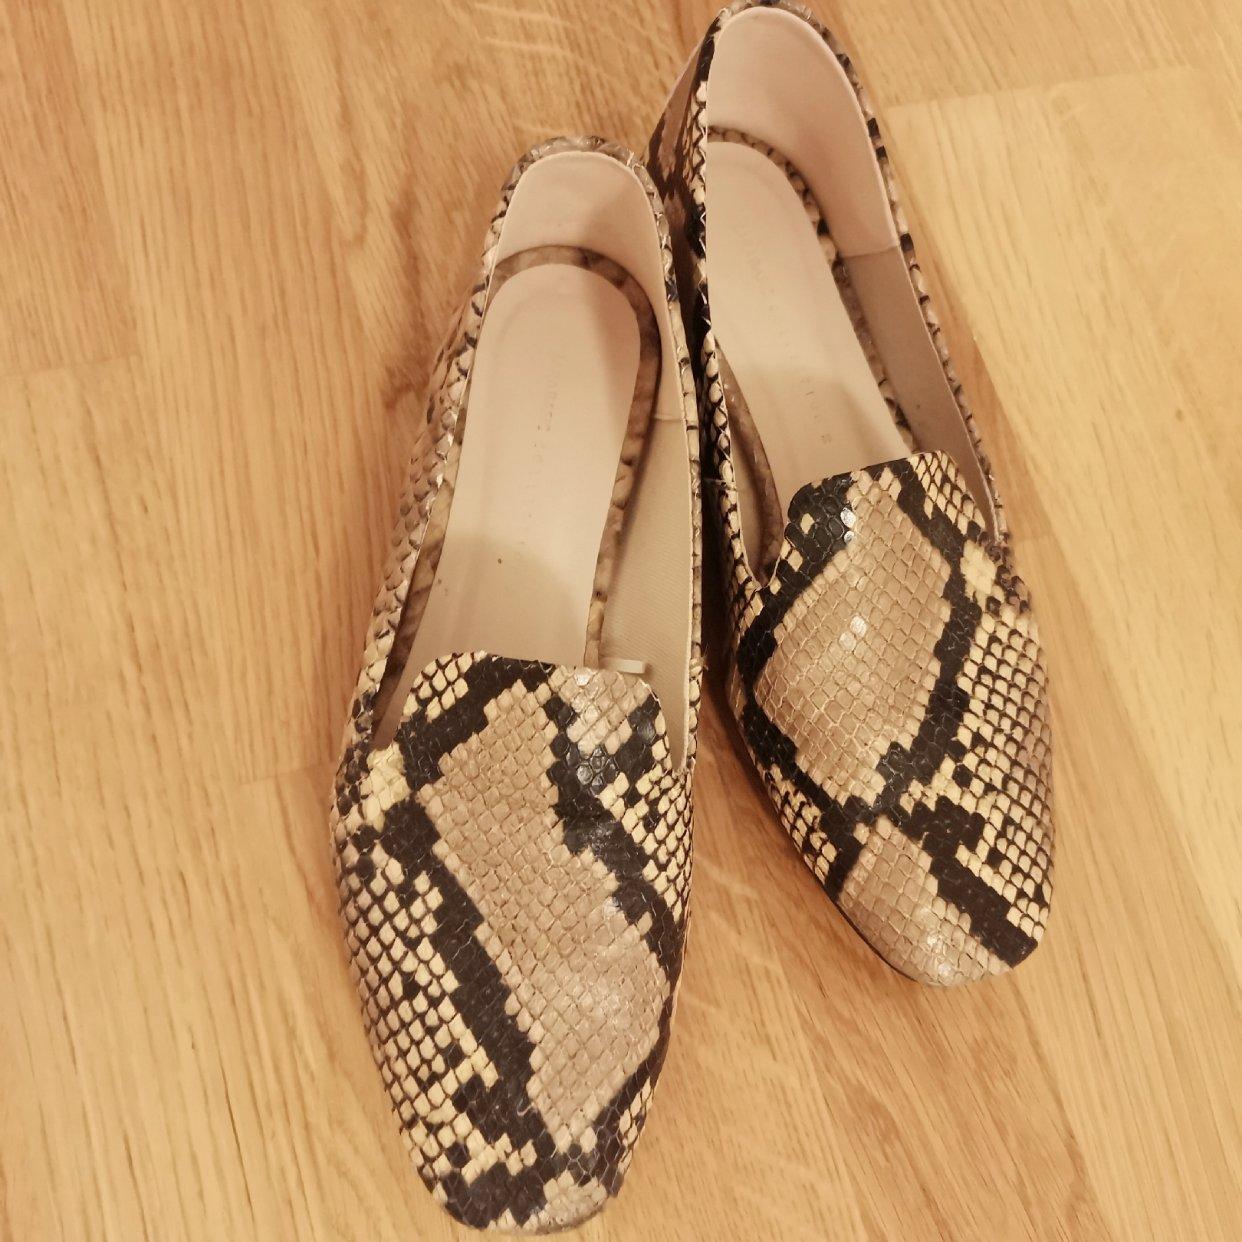 千脚蜈蚣女孩的鞋柜—No.2 平底鞋